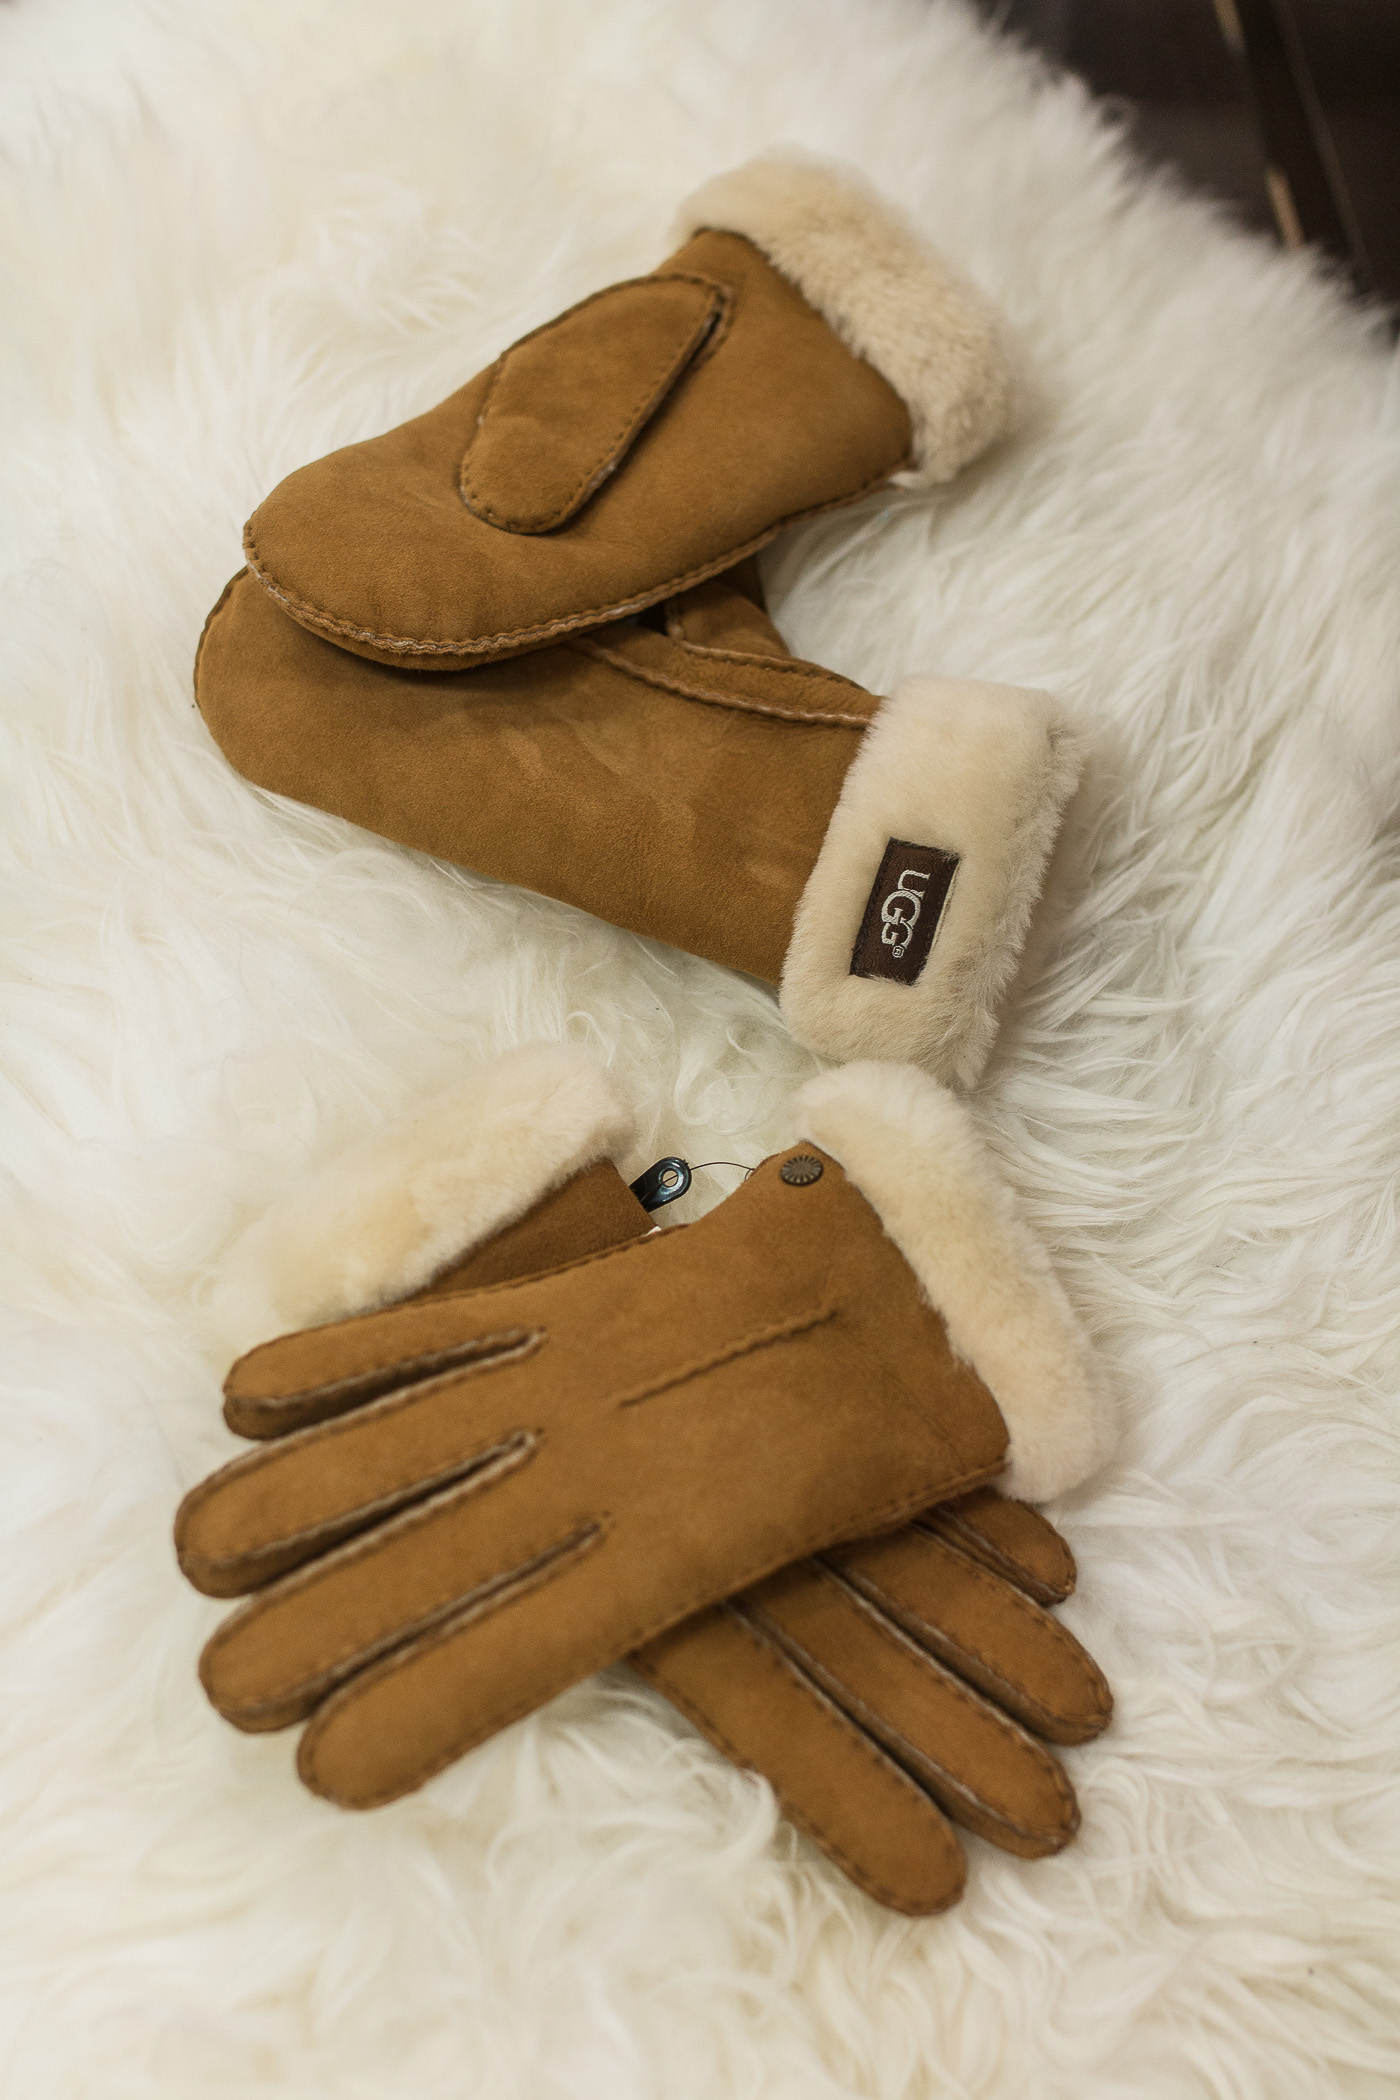 UGG Gloves at Cincinnati Premium Outlets